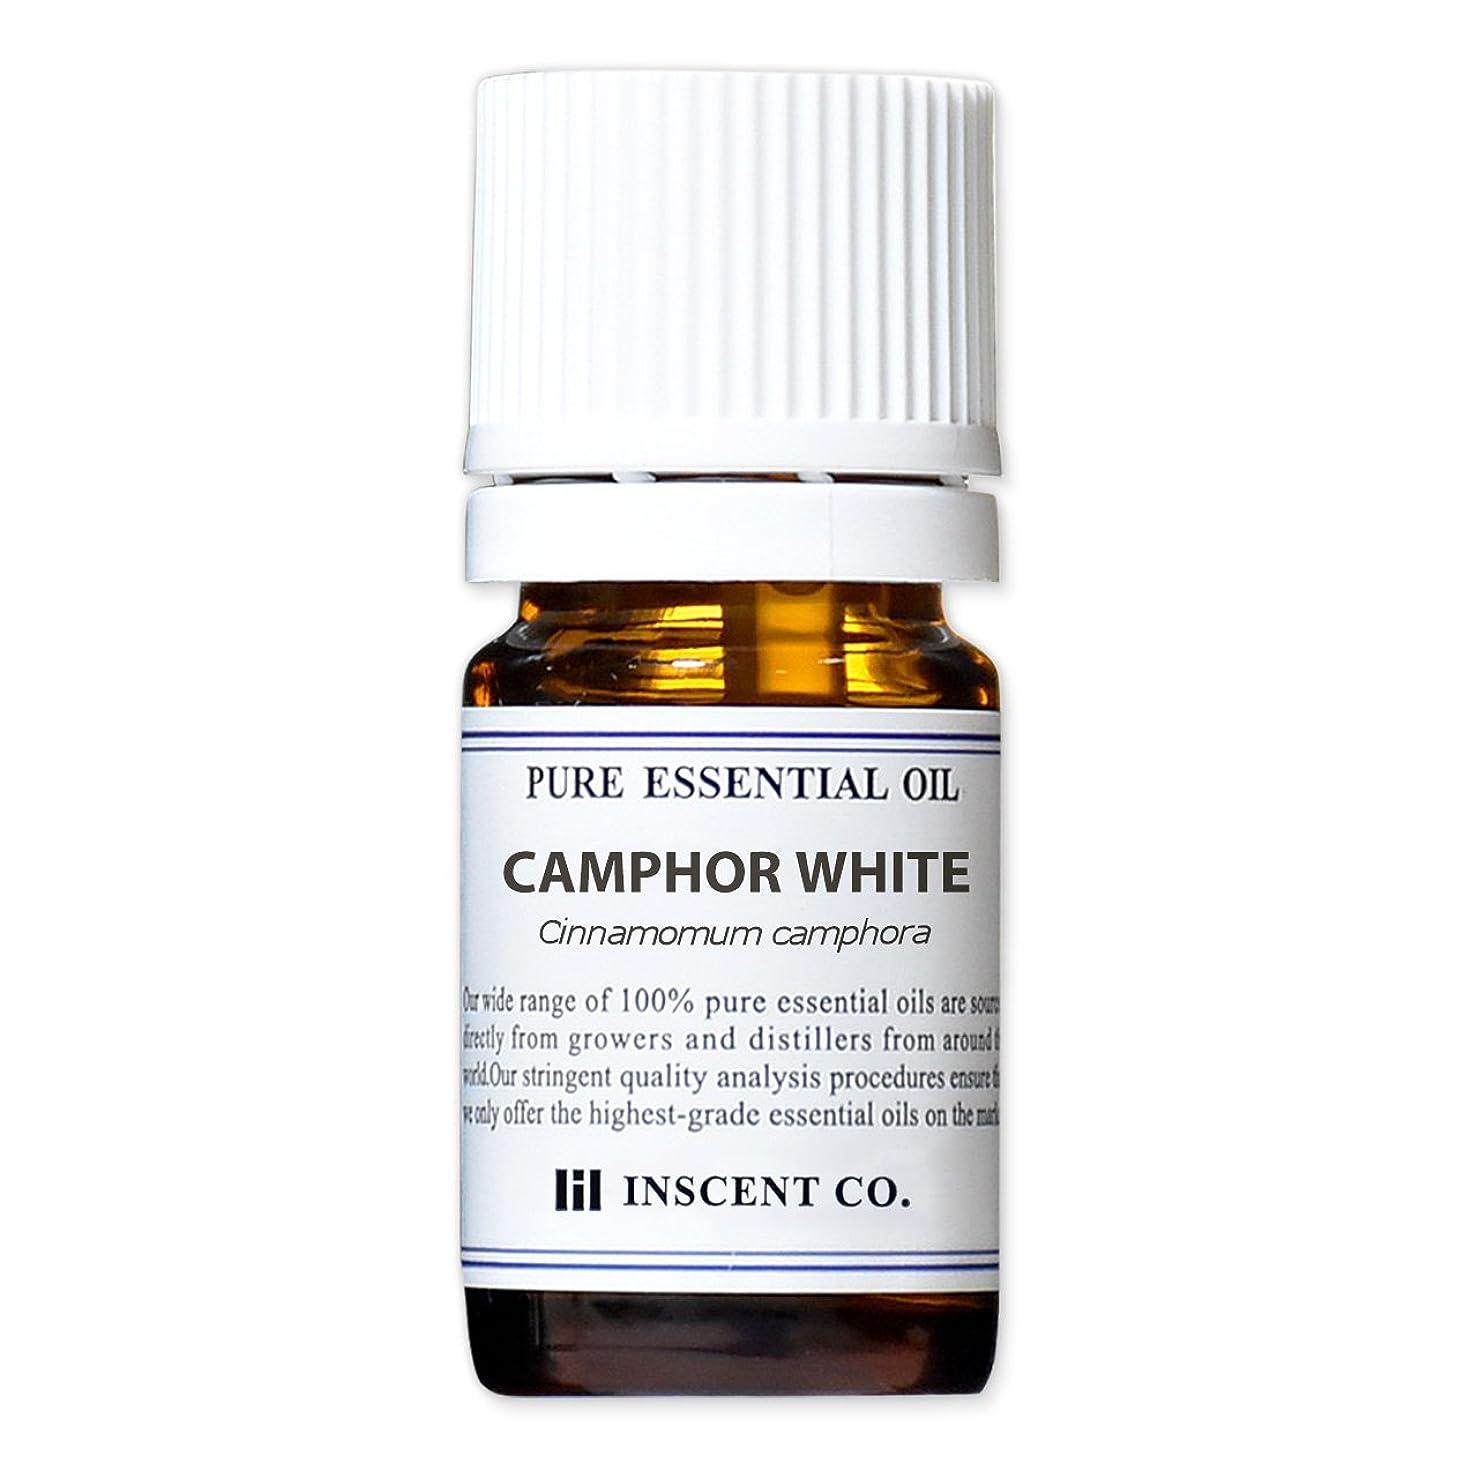 湿原フェミニンやさしくカンファー (ホワイト) 5ml インセント アロマオイル AEAJ 表示基準適合認定精油